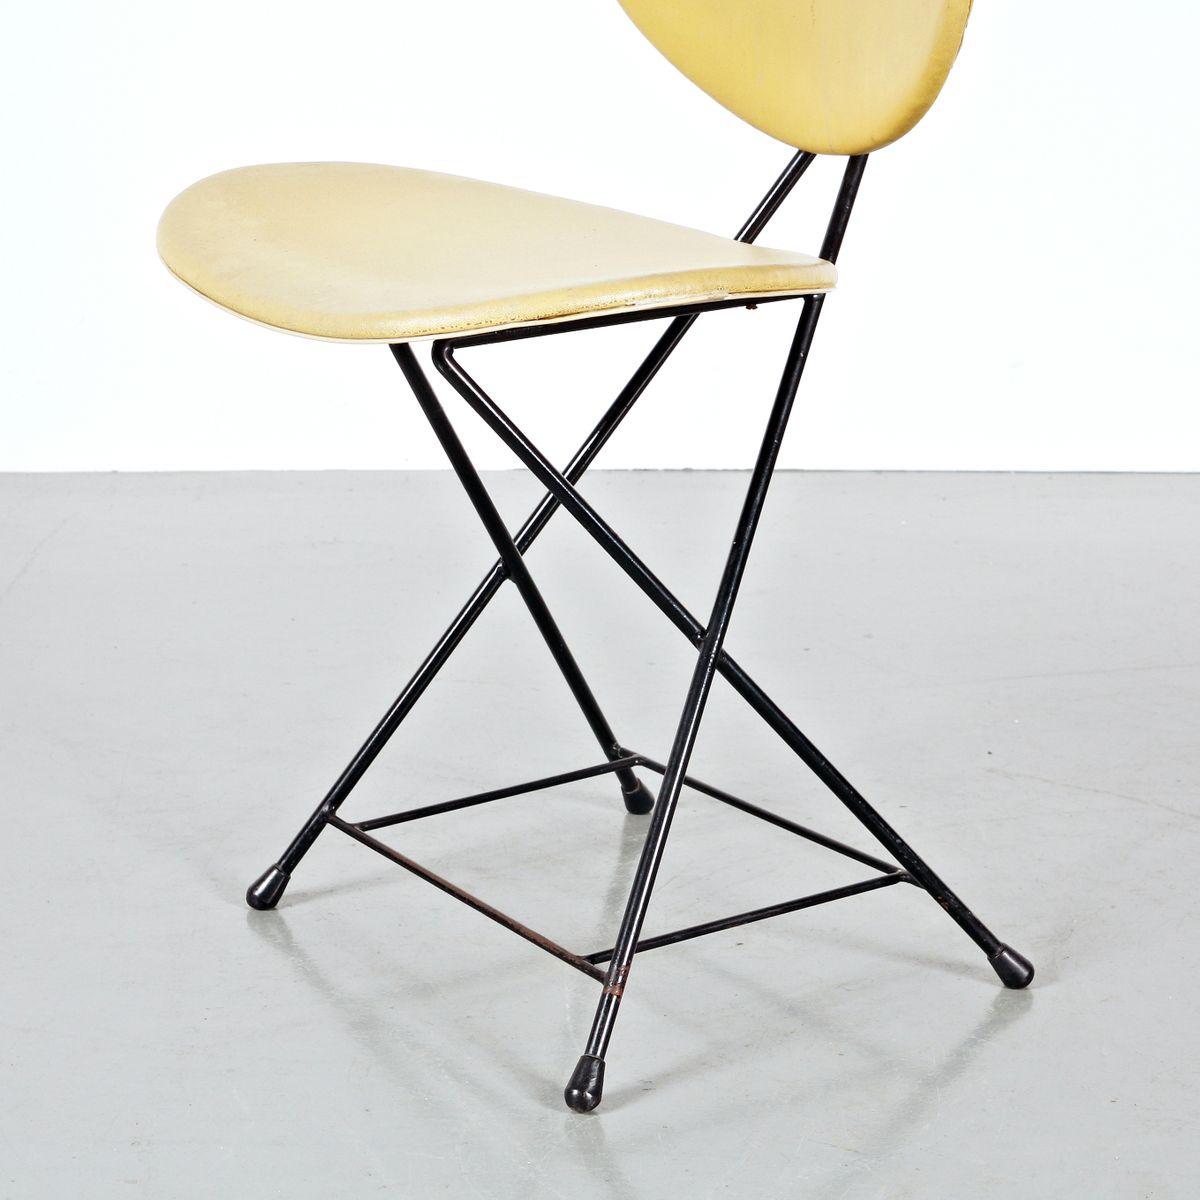 Stuhl von rob parry 1950er bei pamono kaufen for Stuhl design holland